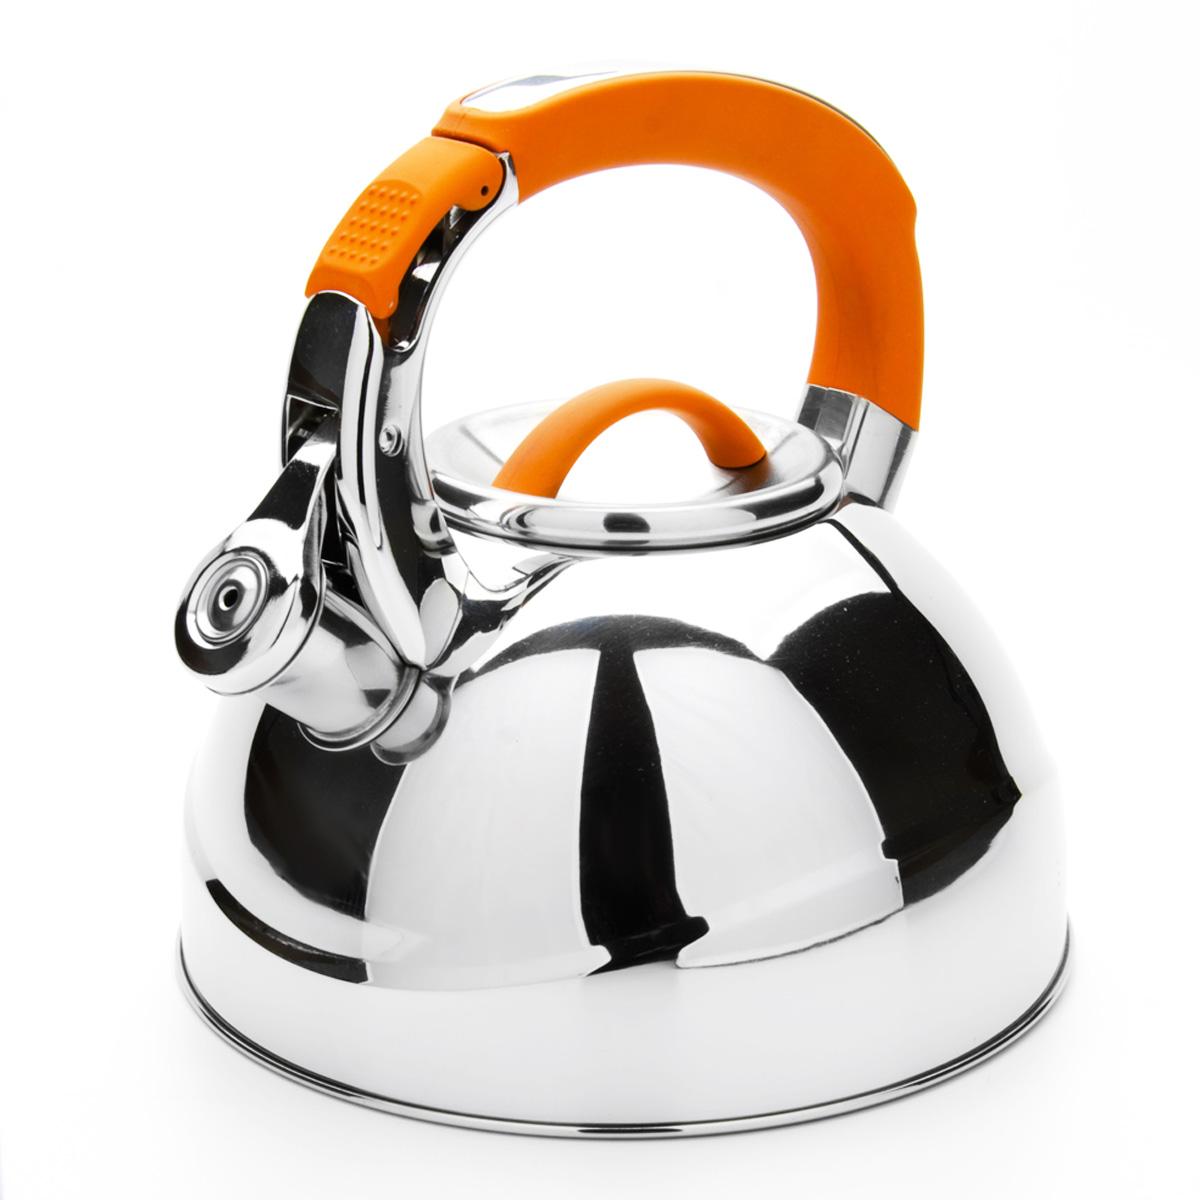 Чайник Mayer & Boch со свистком, цвет: оранжевый, 2,7 л. 2358623586Чайник Mayer & Boch выполнен из высококачественной нержавеющей стали, что обеспечивает долговечность использования. Внешнее зеркальное покрытие придает приятный внешний вид. Фиксированная ручка из нейлона делает использование чайника очень удобным и безопасным. Чайник снабжен свистком и устройством для открывания носика, которое находится на ручке. Можно мыть в посудомоечной машине. Пригоден для всех видов плит, включая индукционные. Высота чайника (без учета крышки и ручки): 11,5 см. Диаметр по верхнему краю: 10 см.